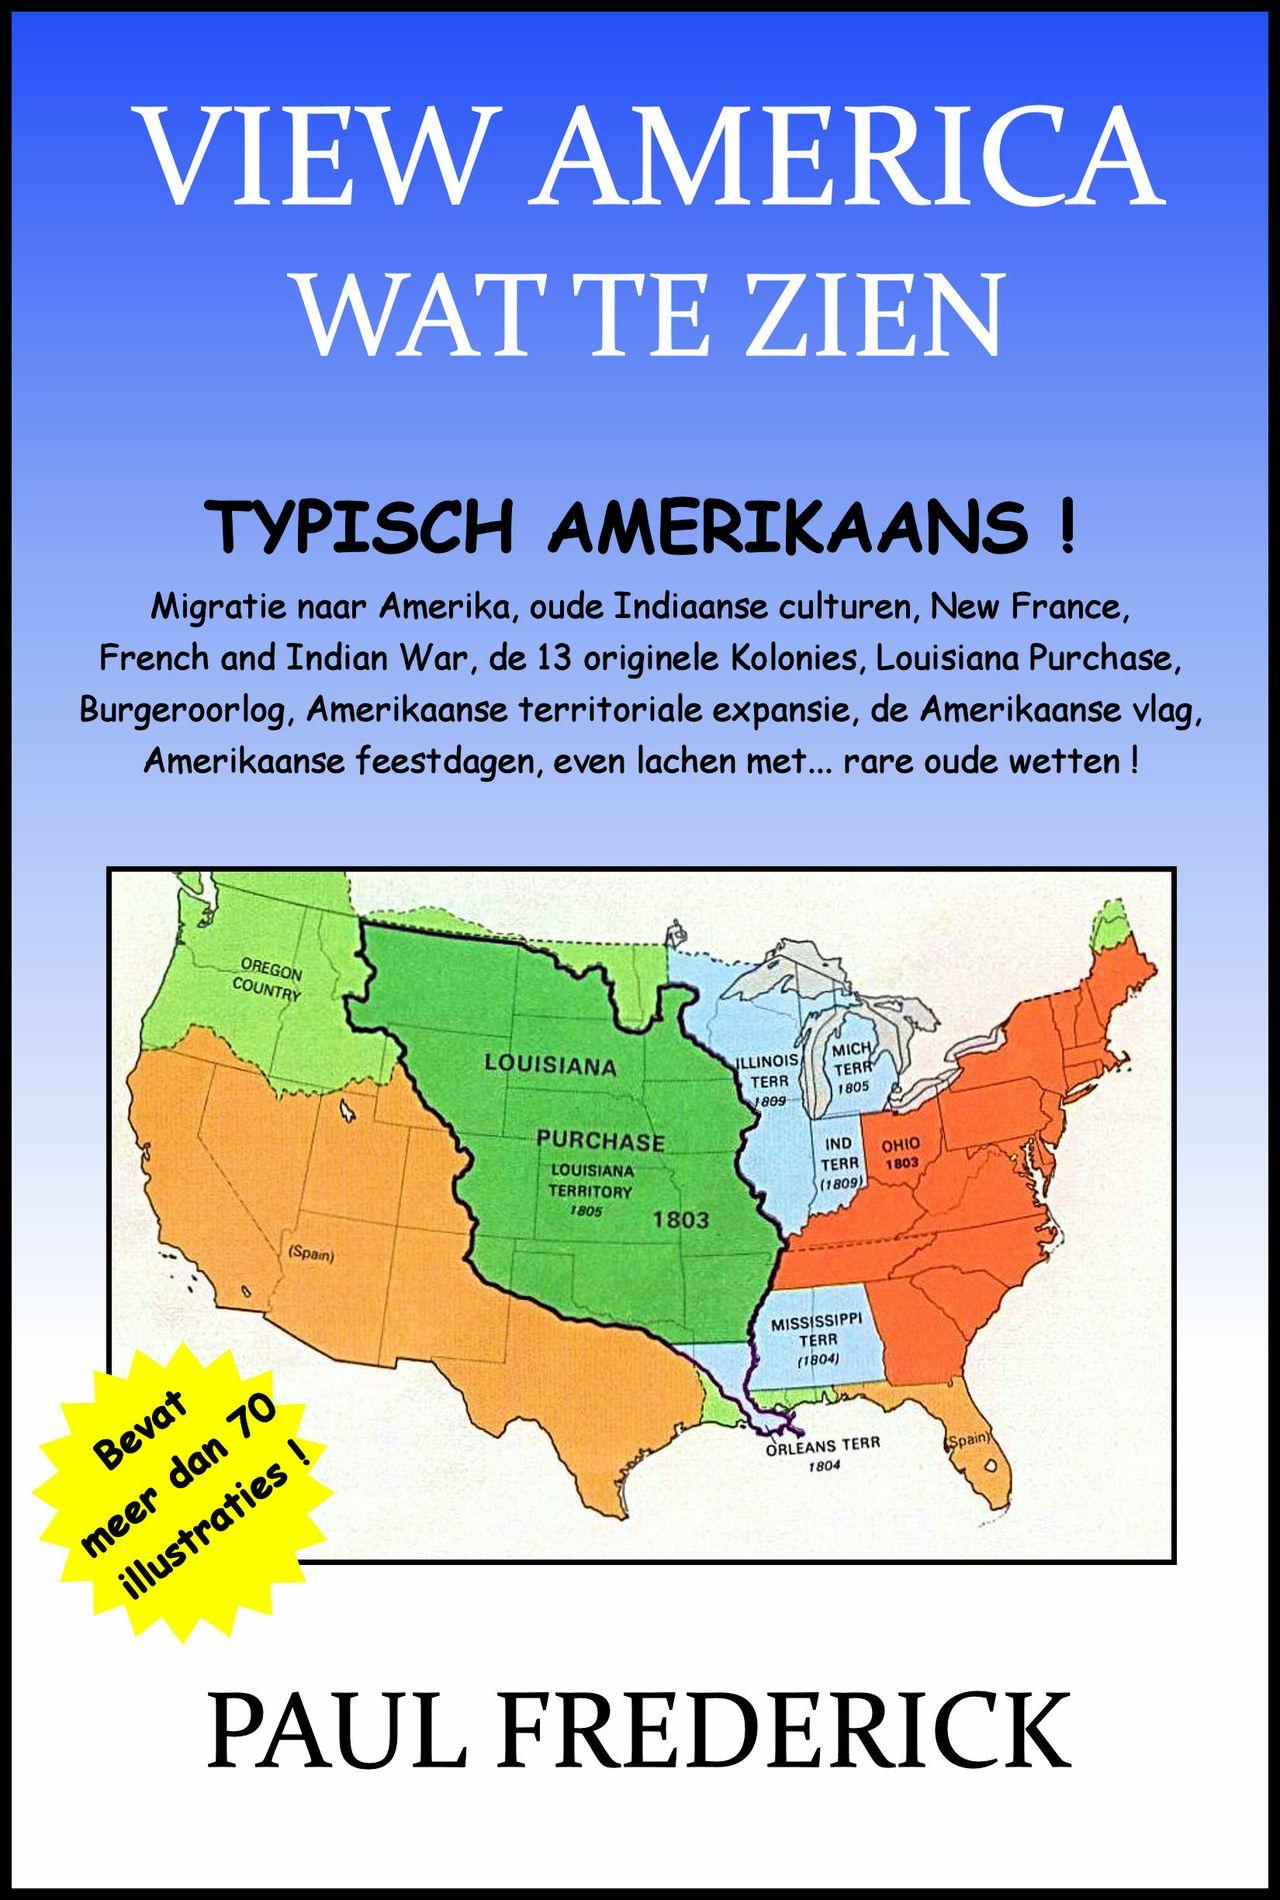 54 View America: Typisch Amerikaans!